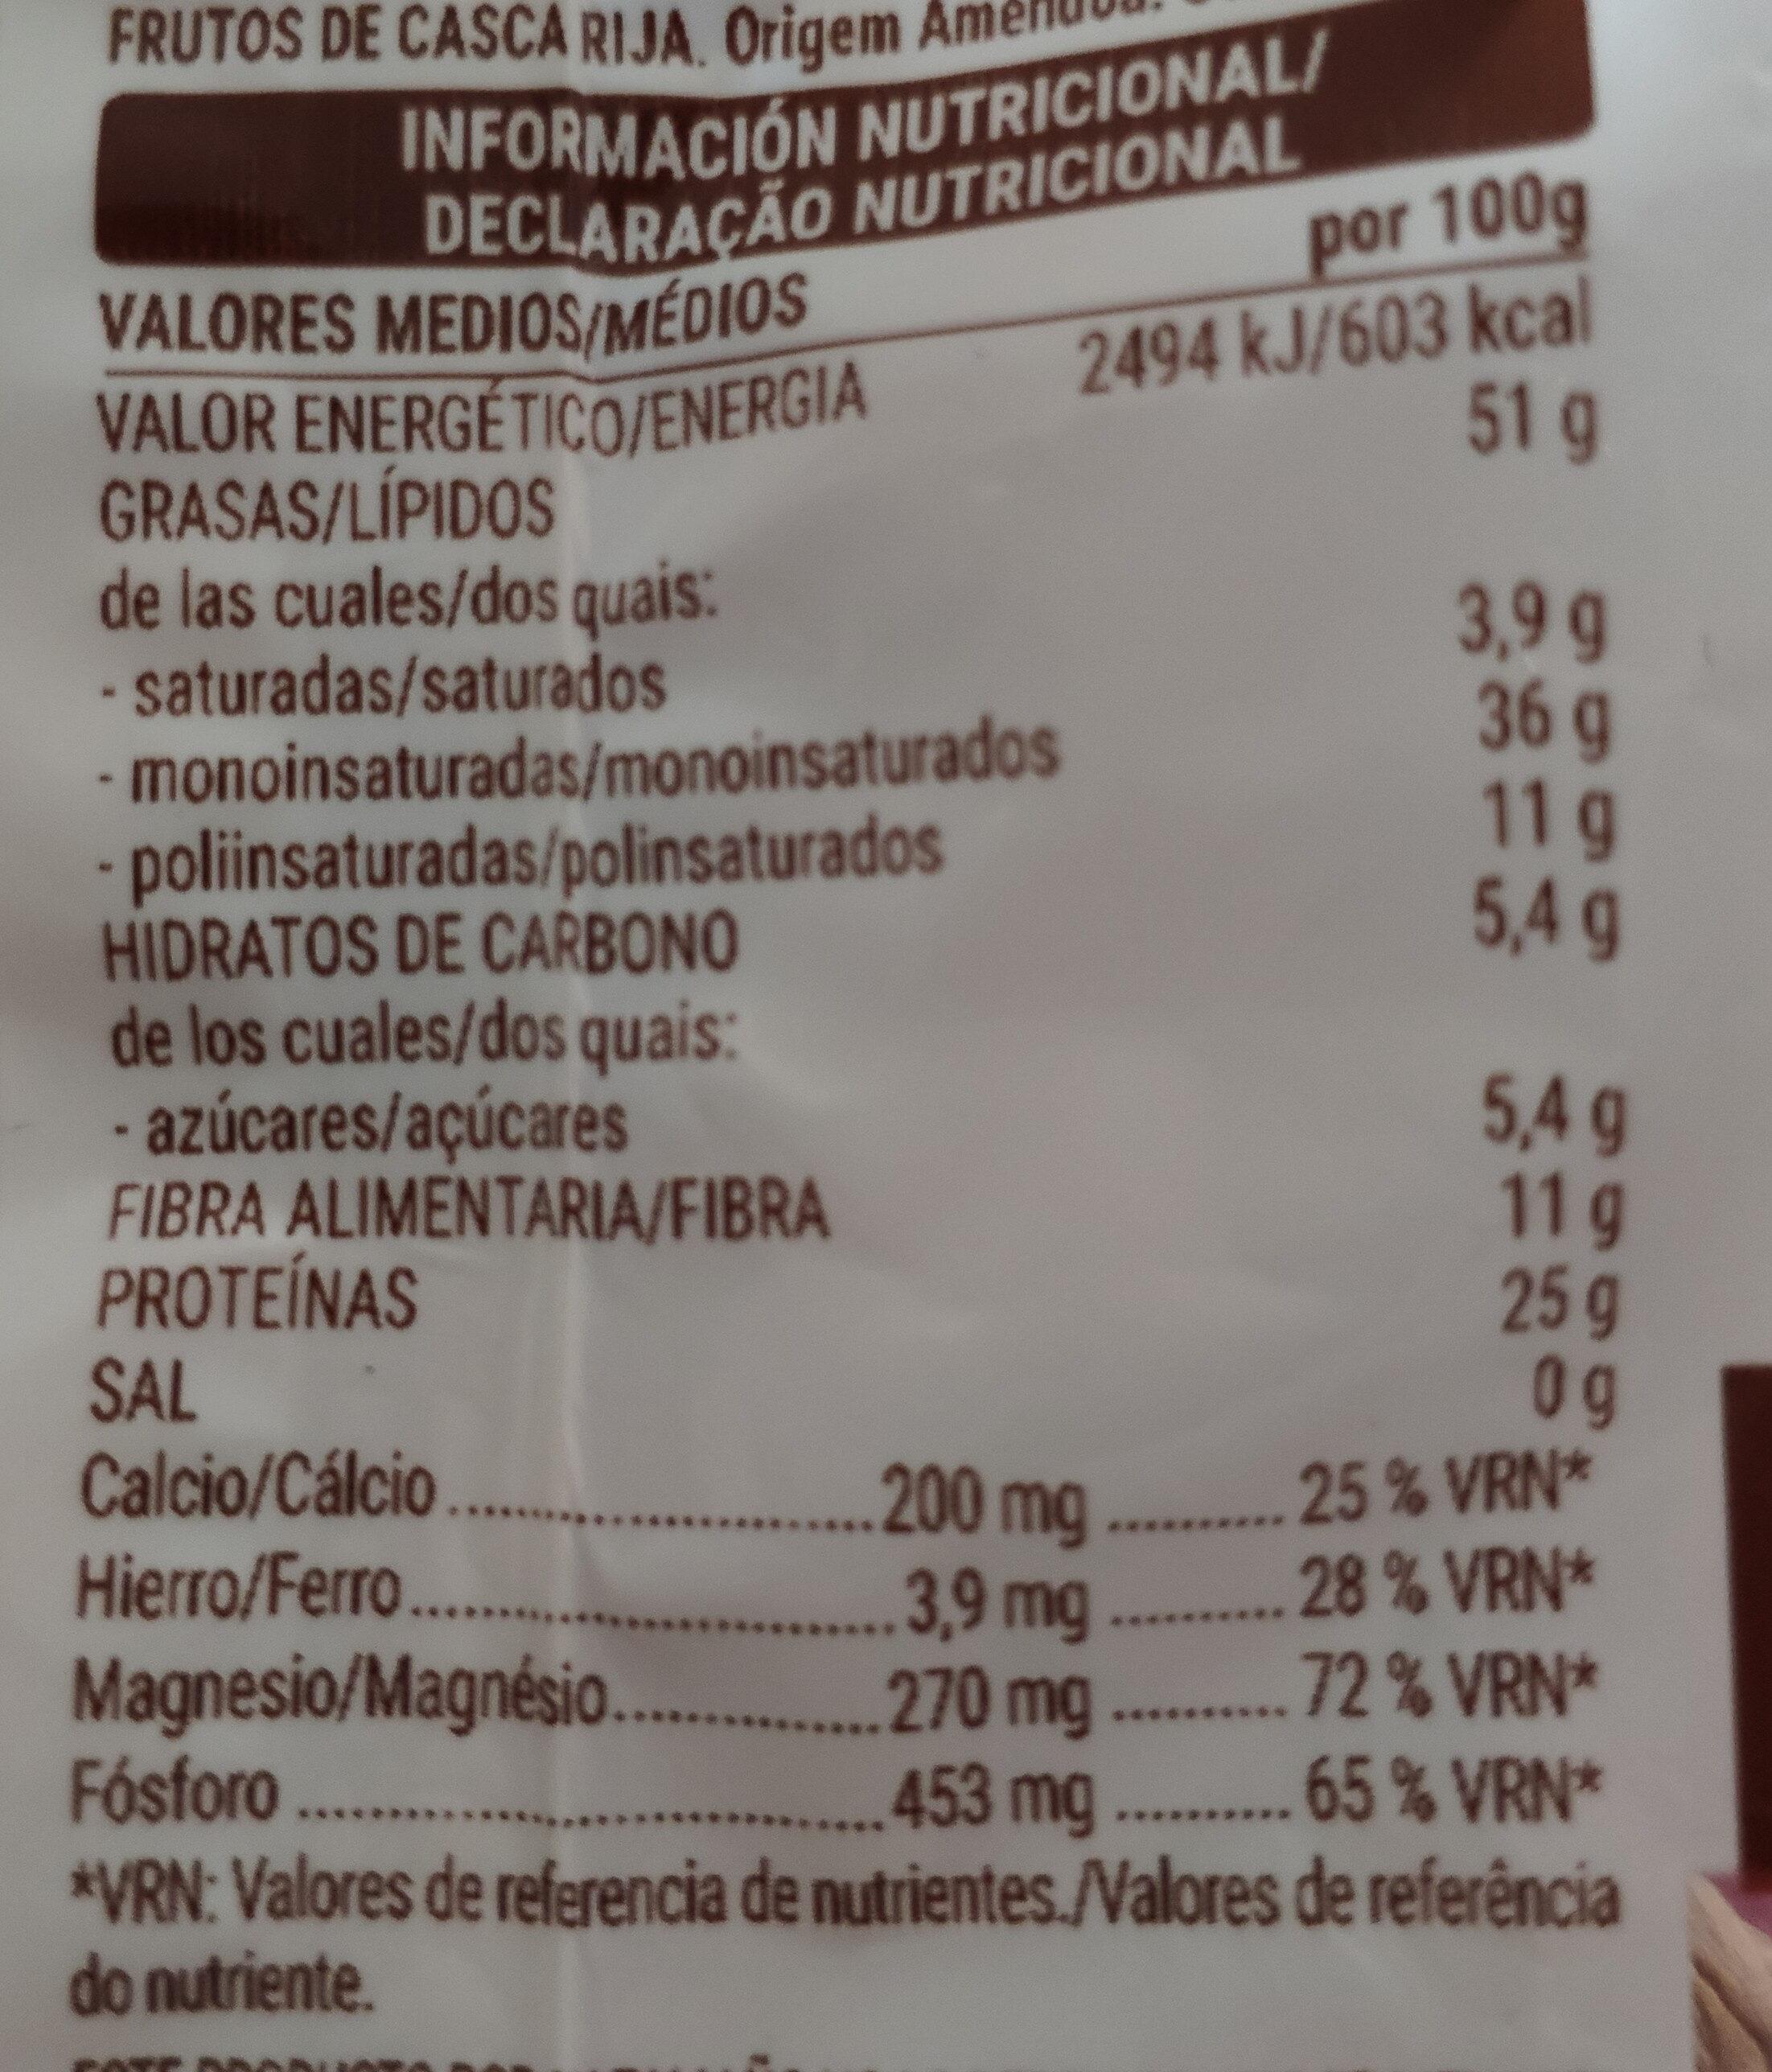 Almendra natural - Información nutricional - es